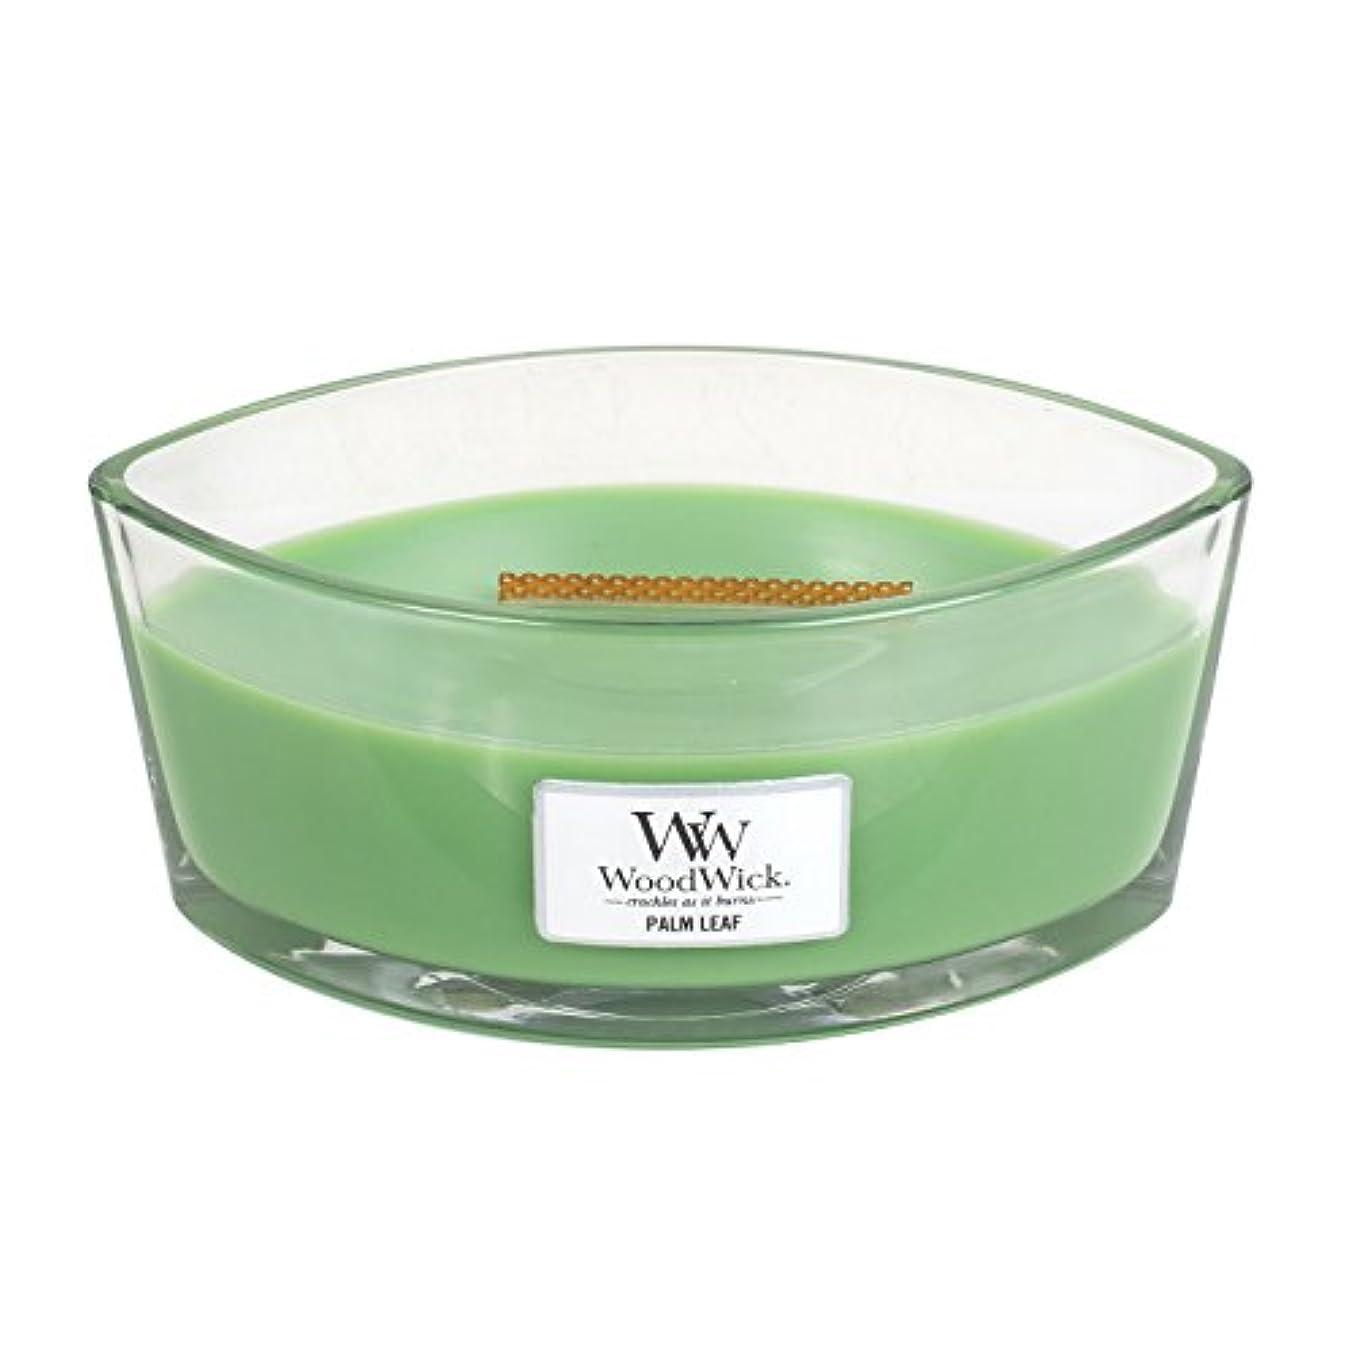 冗長付き添い人人柄Woodwick Palm Leaf , Highly Scented Candle、楕円ガラスJar with元HearthWick Flame , Large 7-inch、16オンス